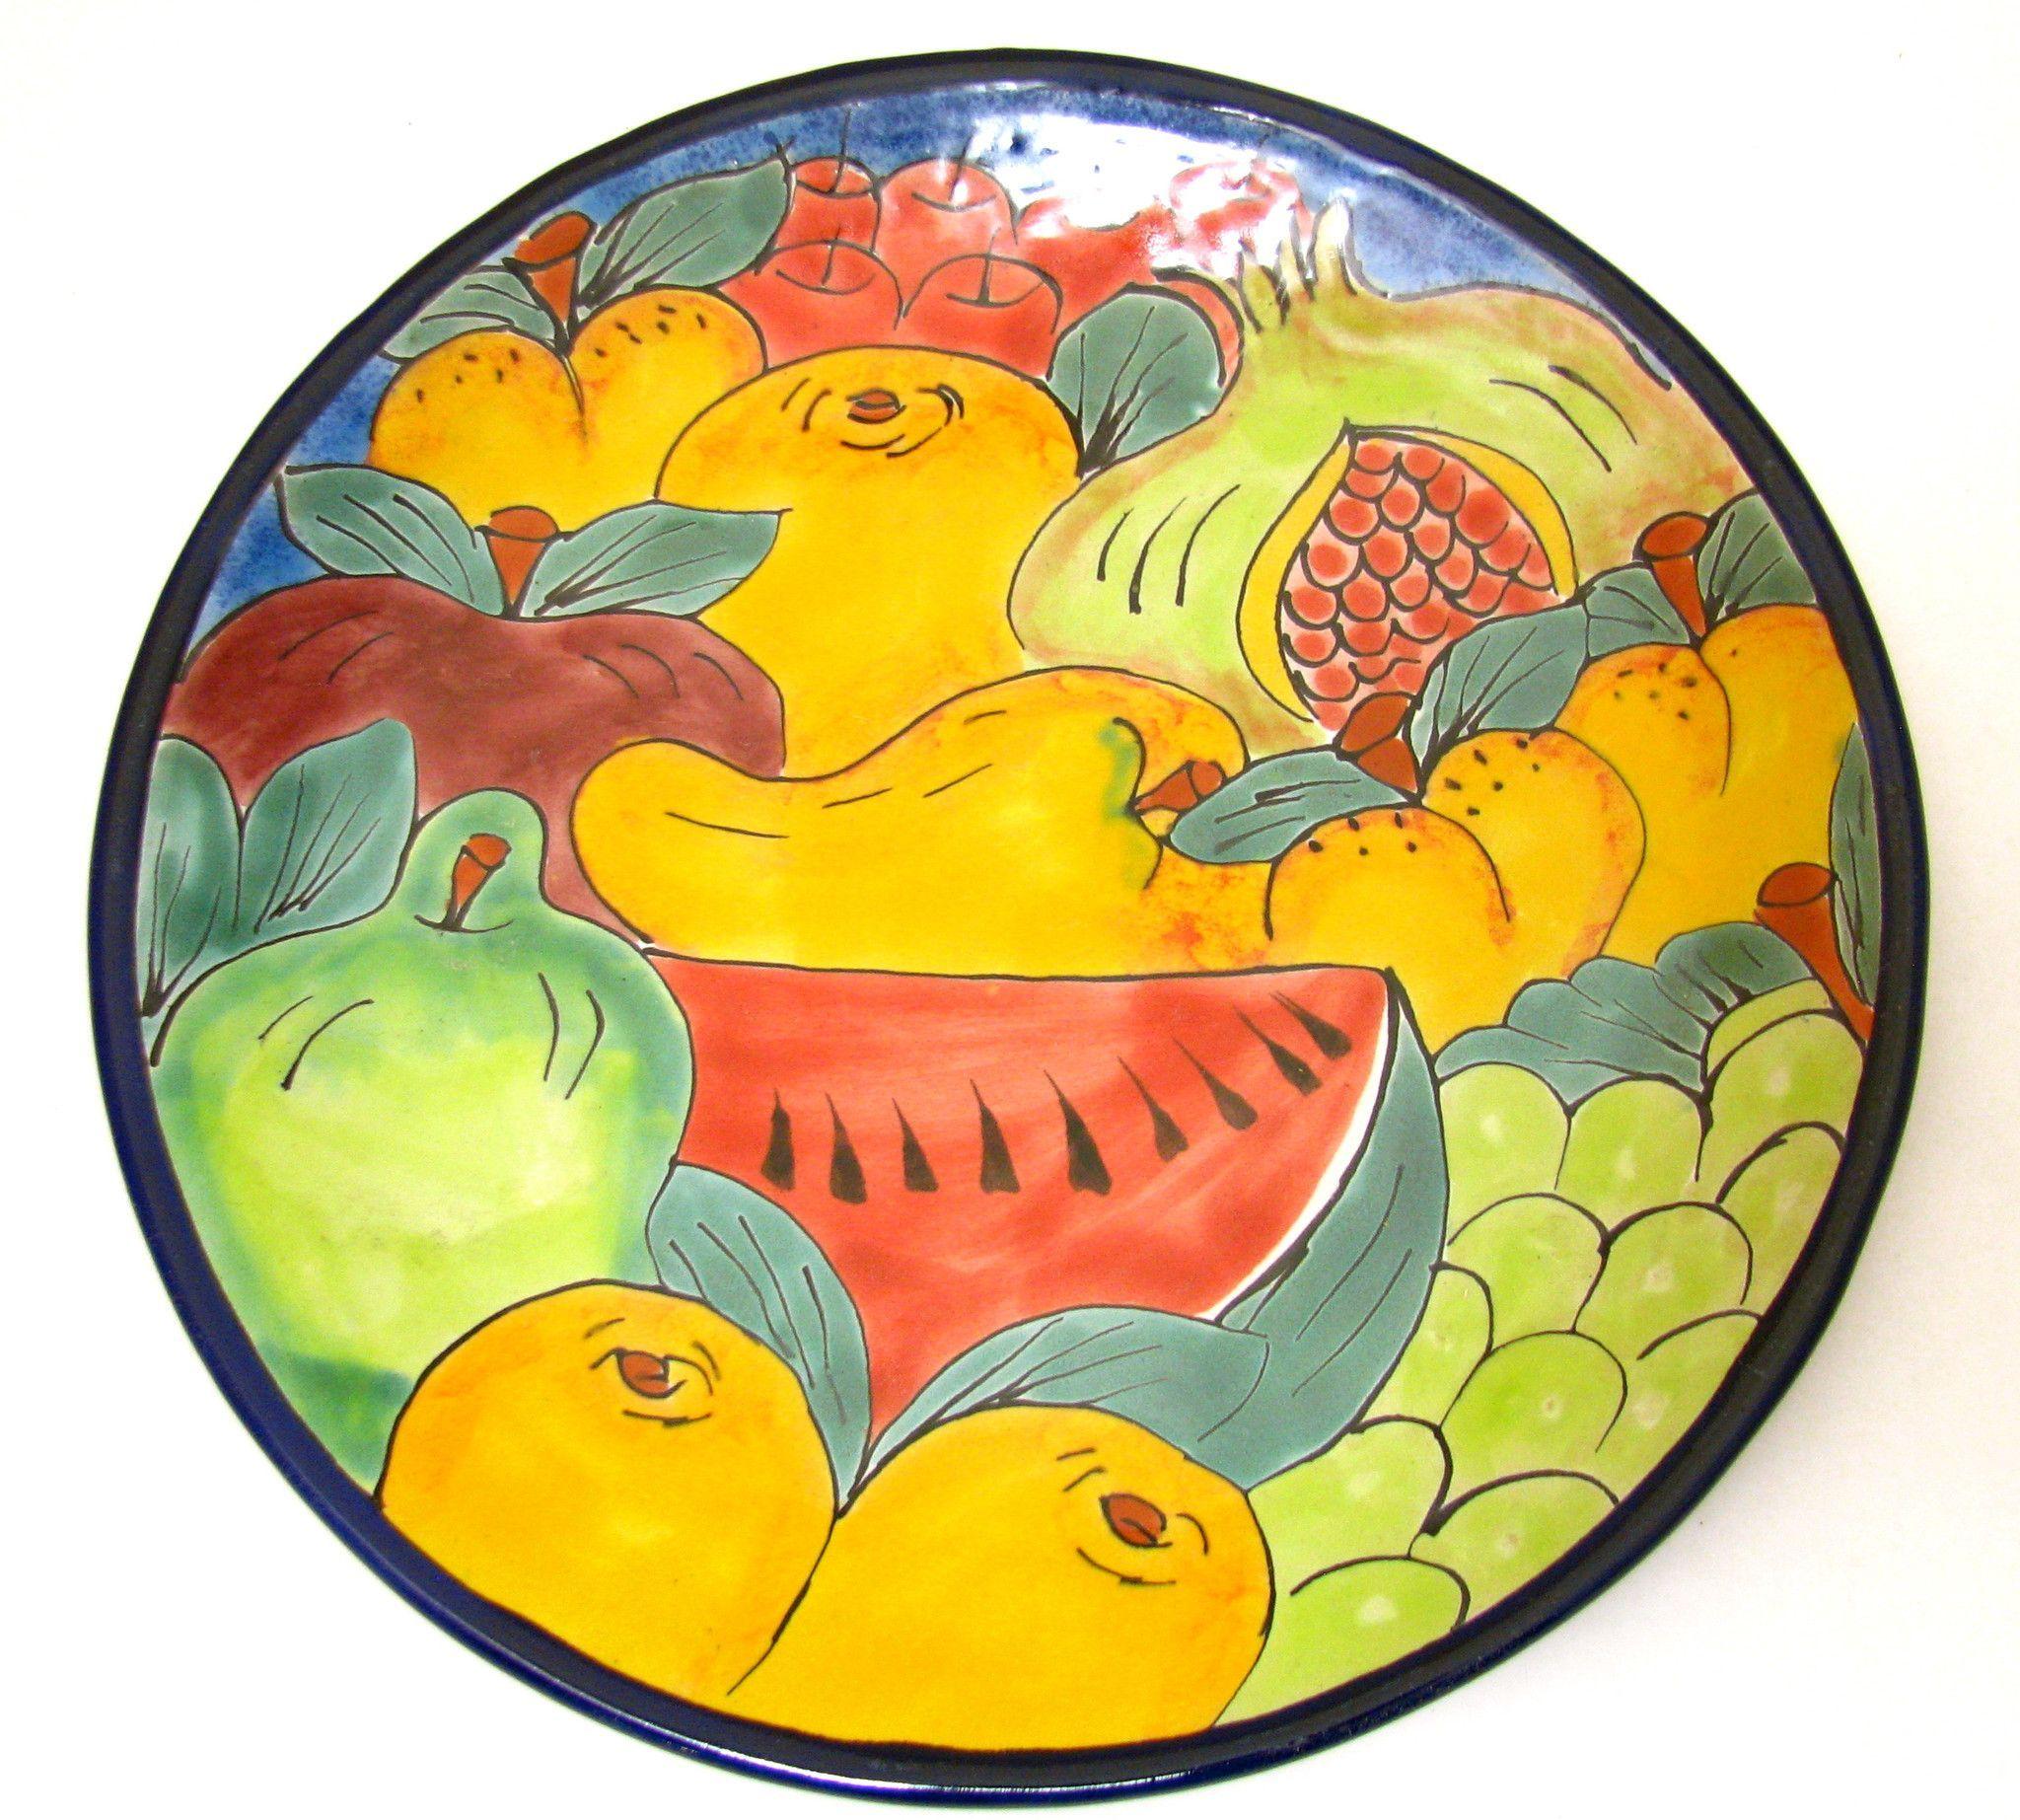 Perfect Talavera Wall Art Frieze - All About Wallart - adelgazare.info